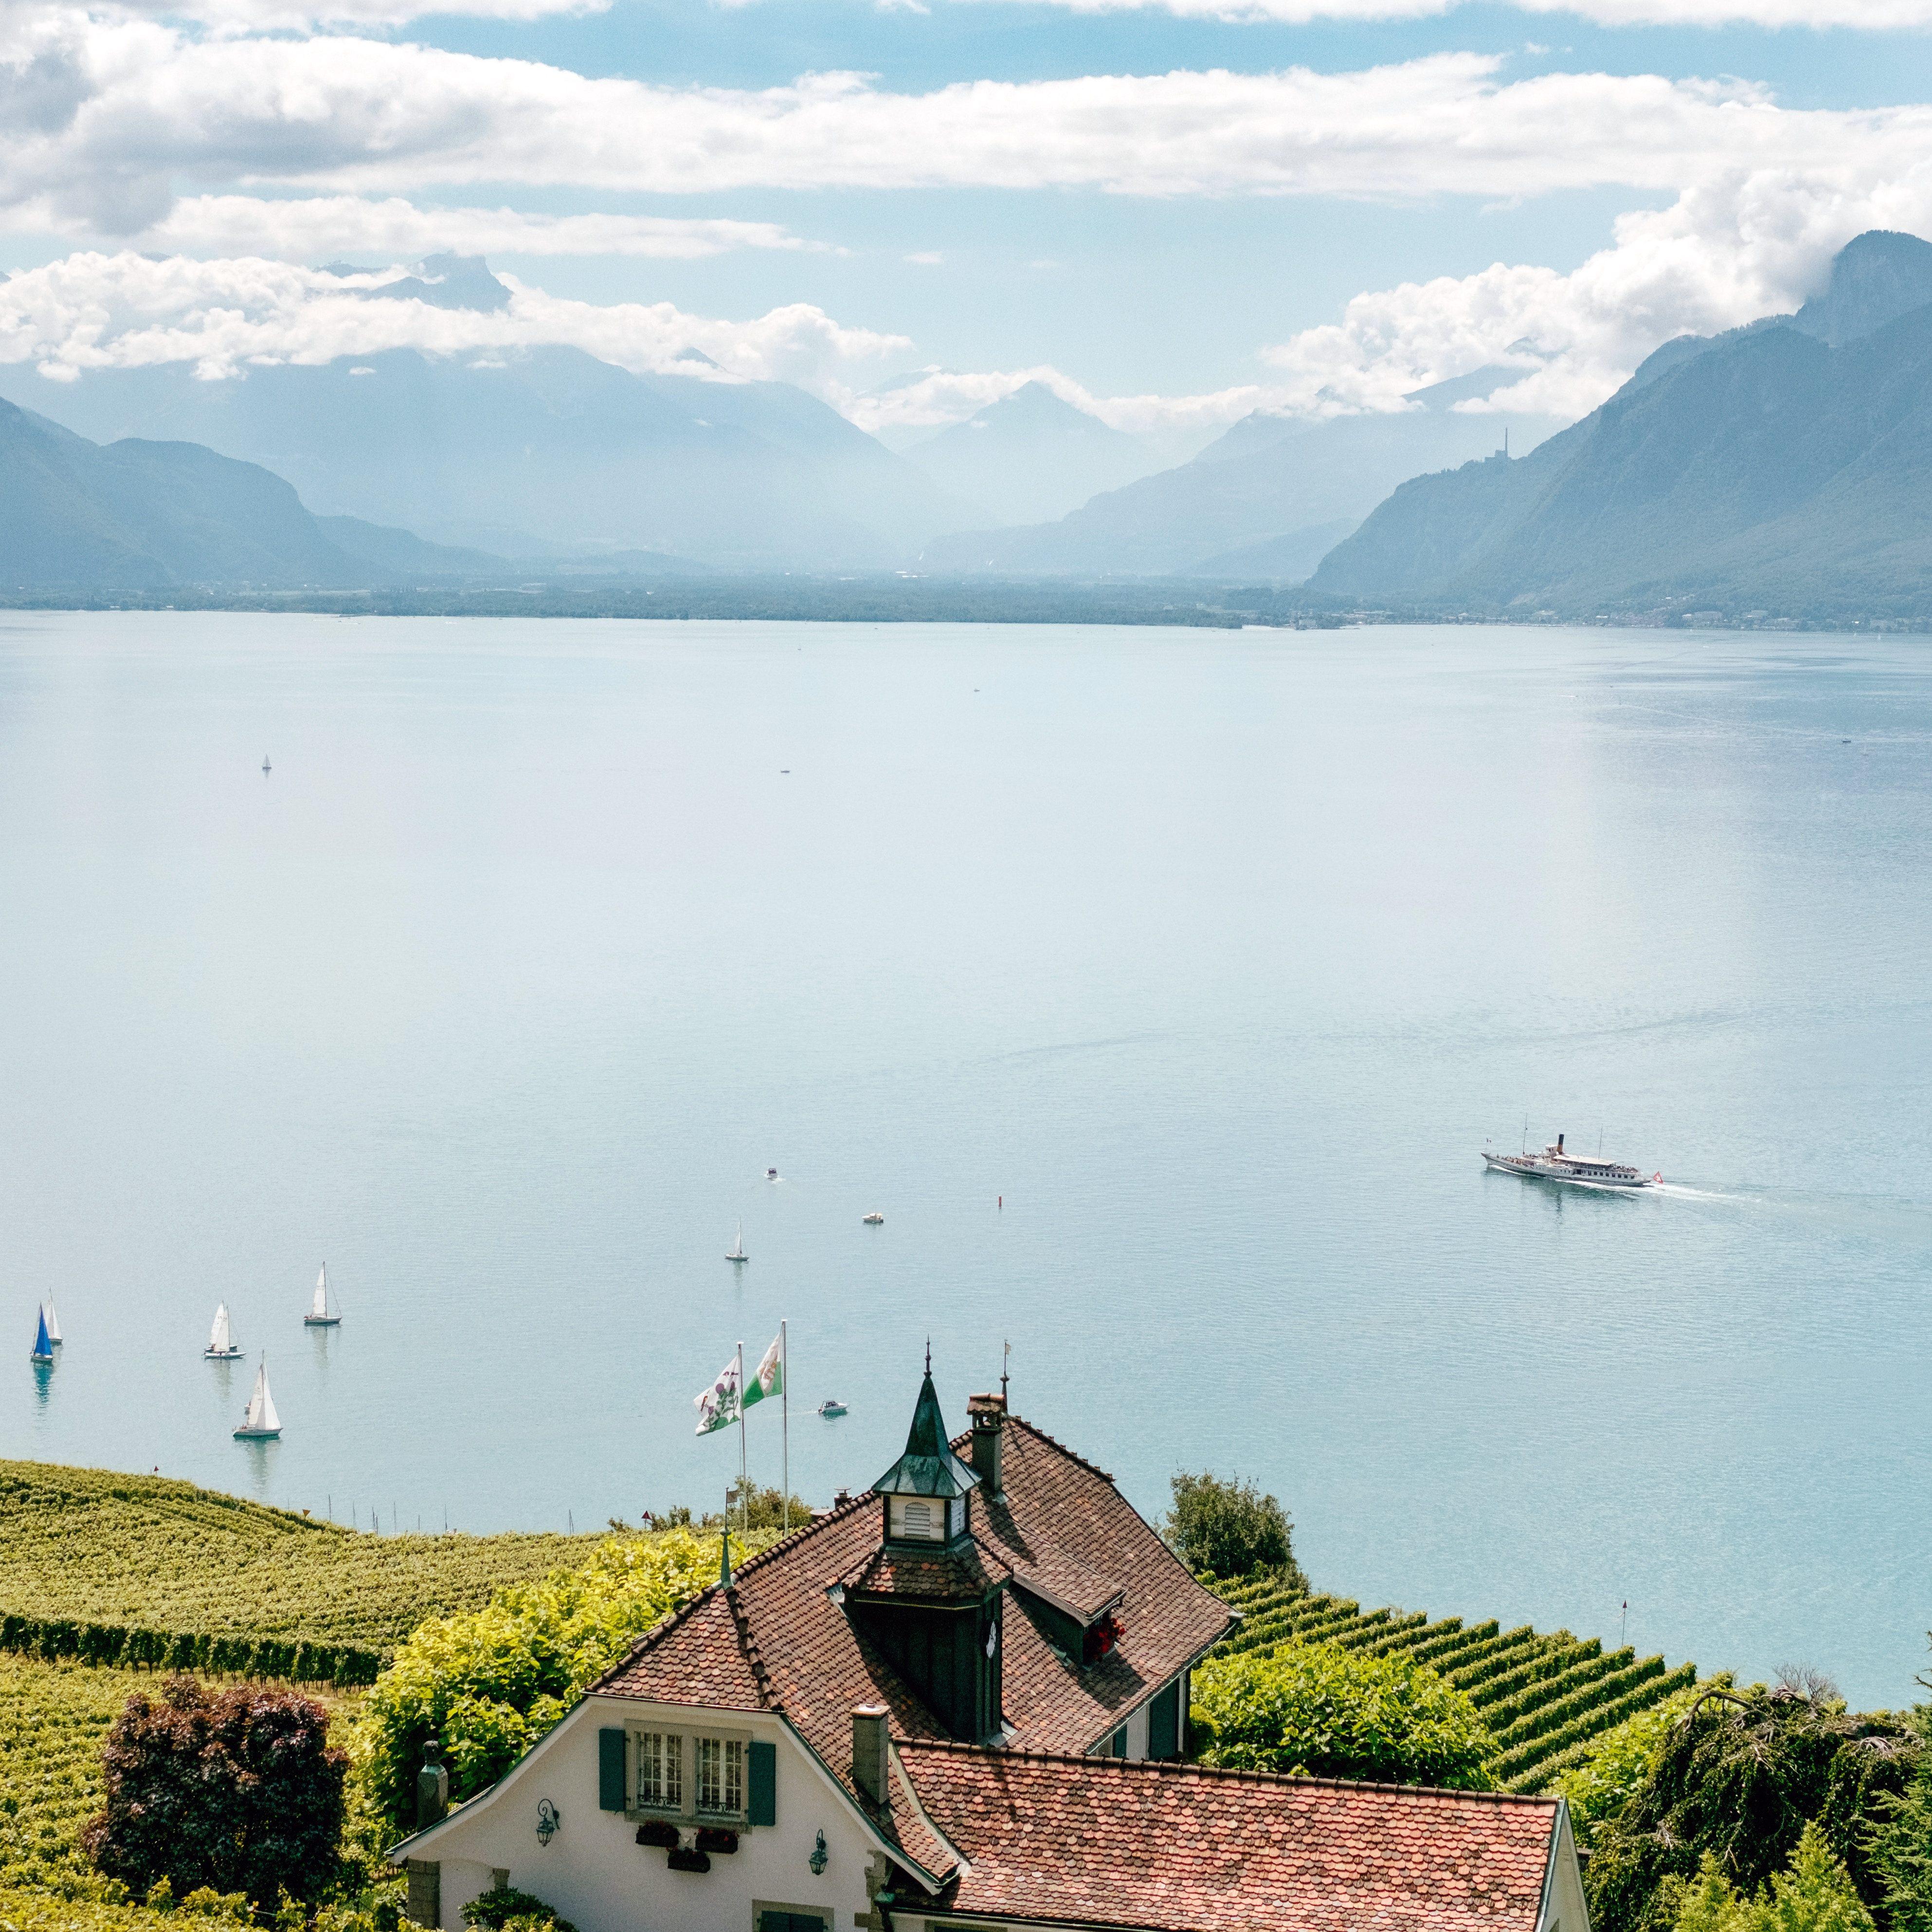 Österreiche Landschaft an einem See mit Weinbergen und Bergen am Horizont